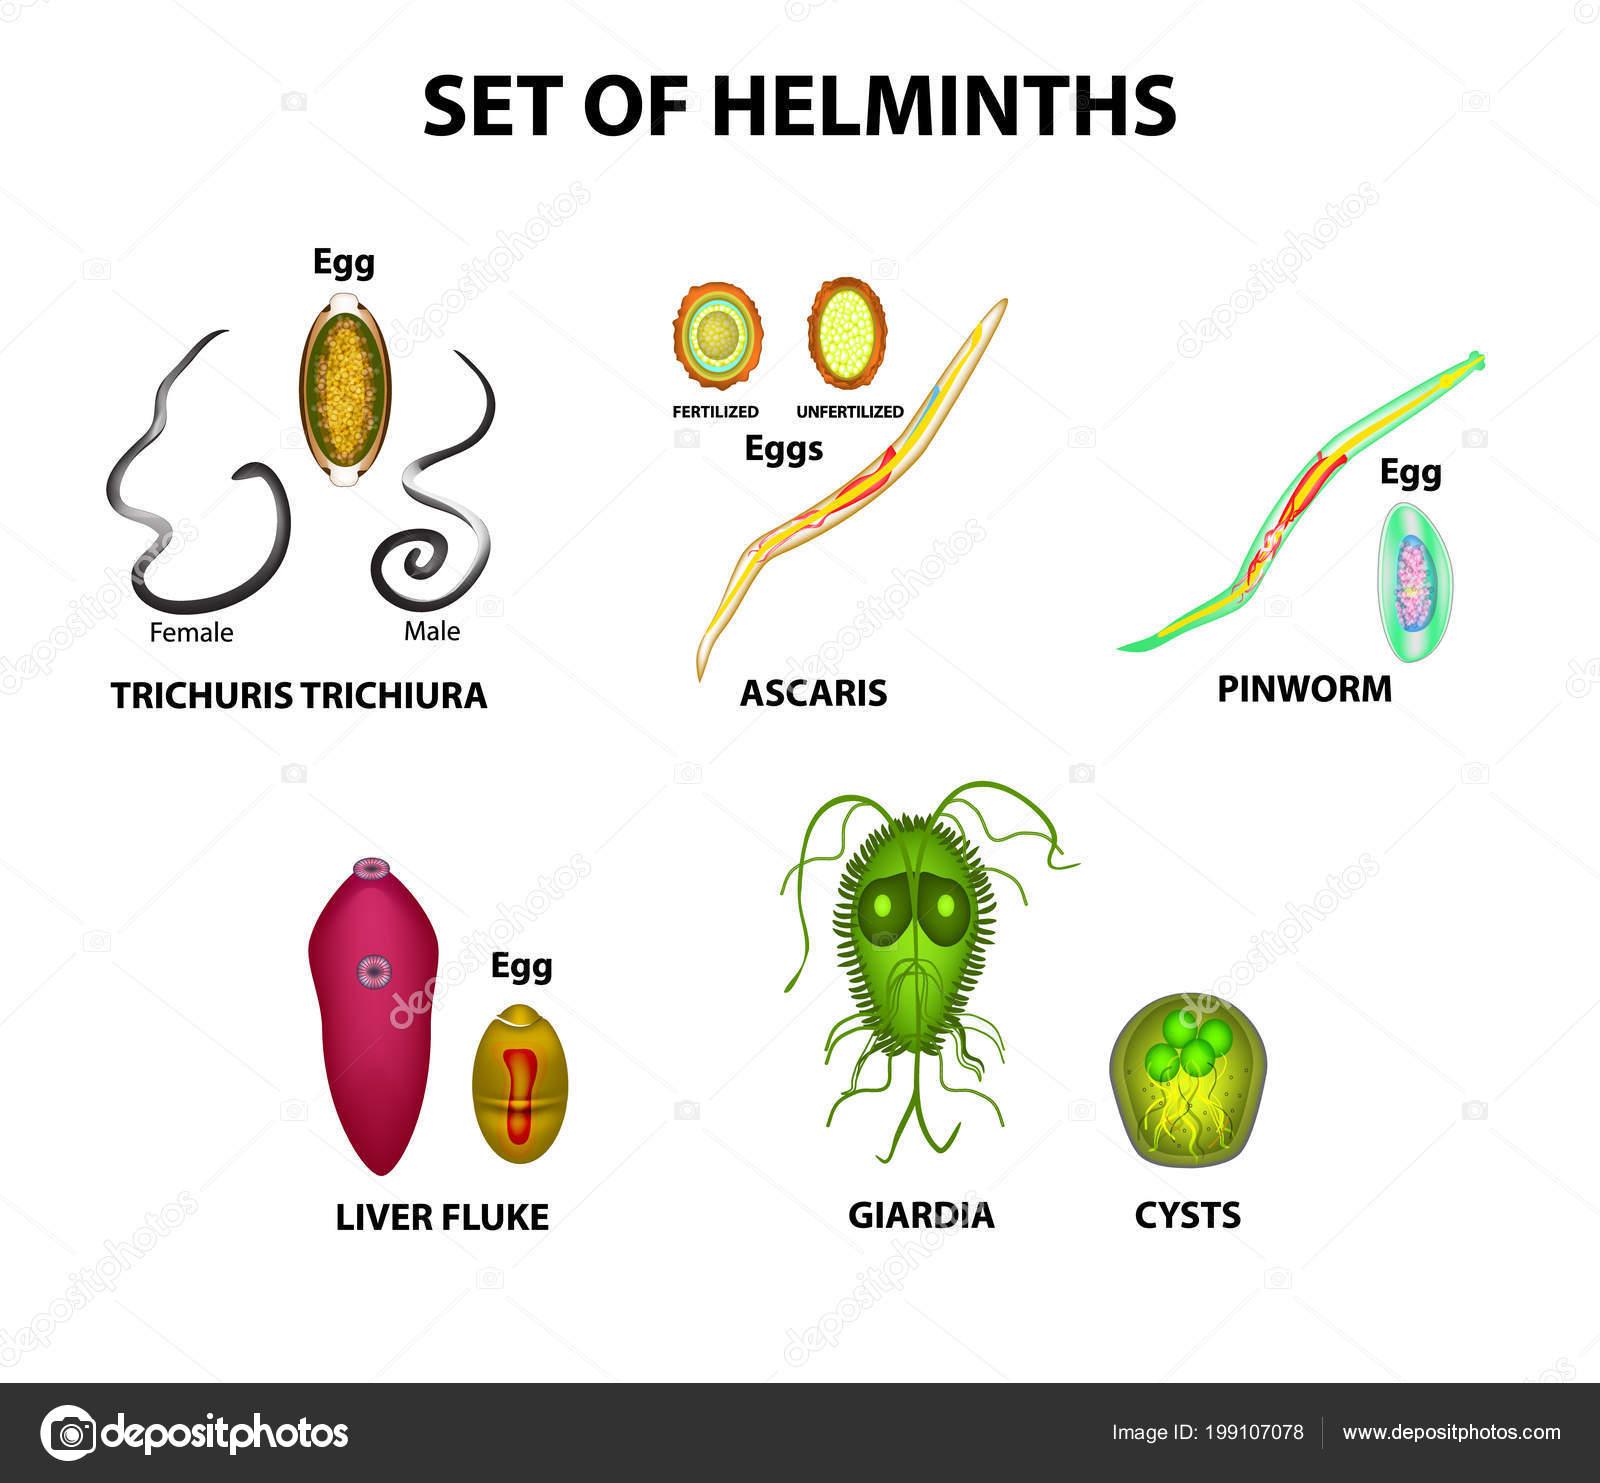 louise hey papillómák helminthosporium spicifera